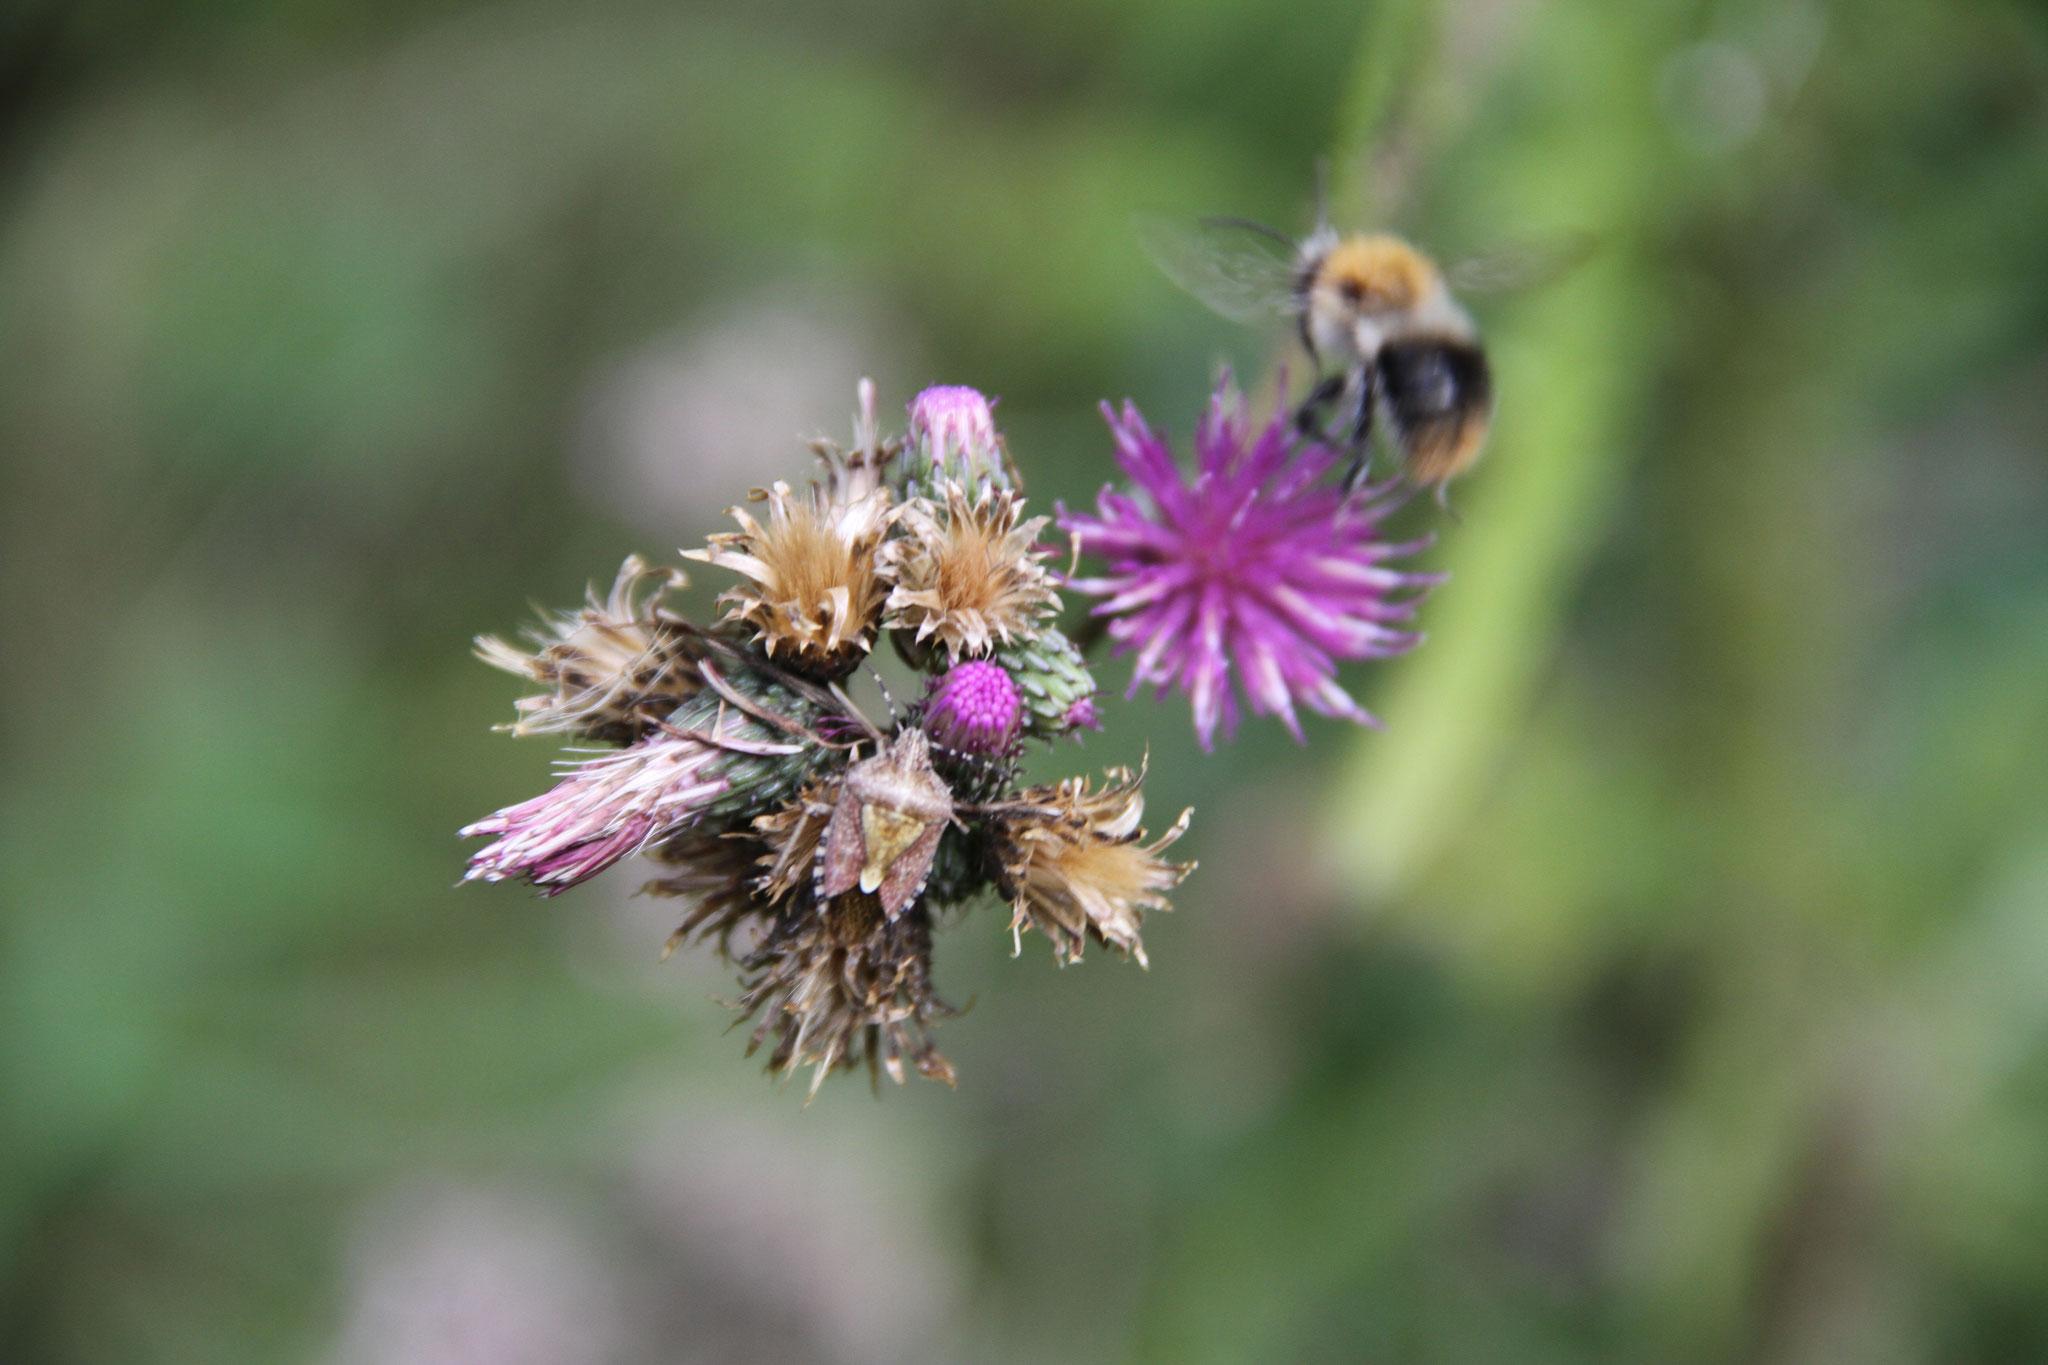 Die letzte Distelblüte wird von einer Hummel und einem Insekt besucht